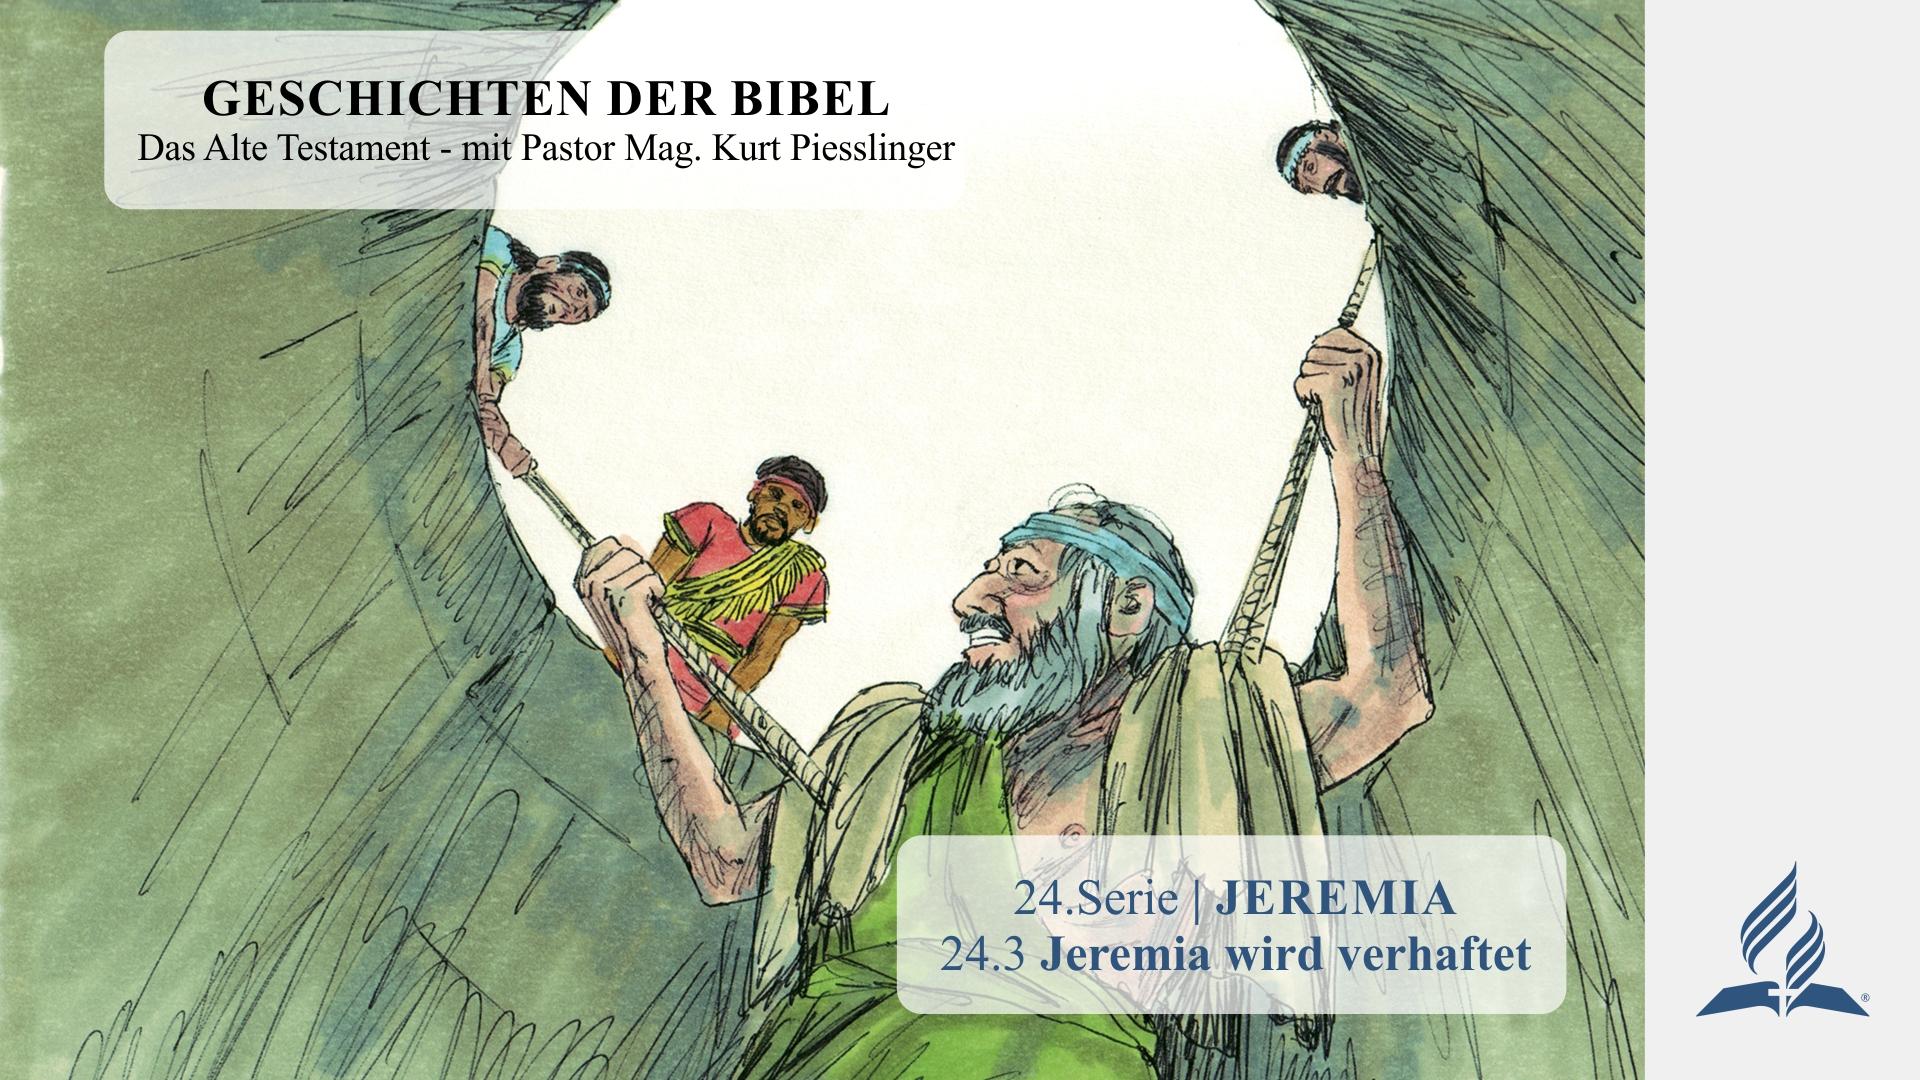 GESCHICHTEN DER BIBEL : 24.3 Jeremia wird verhaftet – 24.JEREMIA | Pastor Mag. Kurt Piesslinger